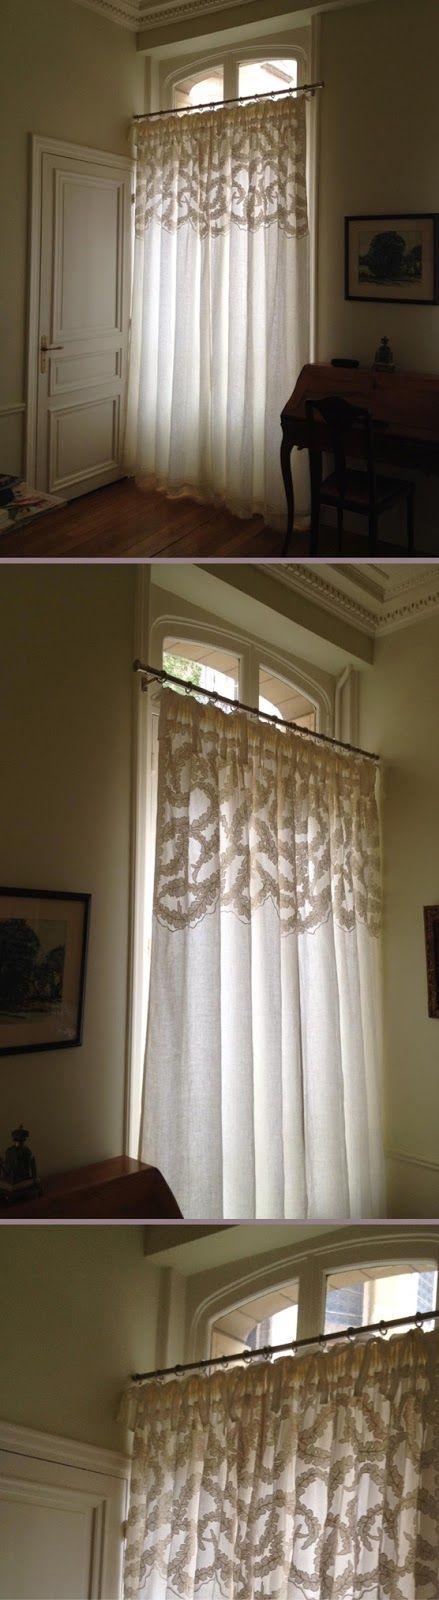 Les 25 meilleures id es concernant ruflette sur pinterest rideau ruflette - Embrasses rideaux heytens ...